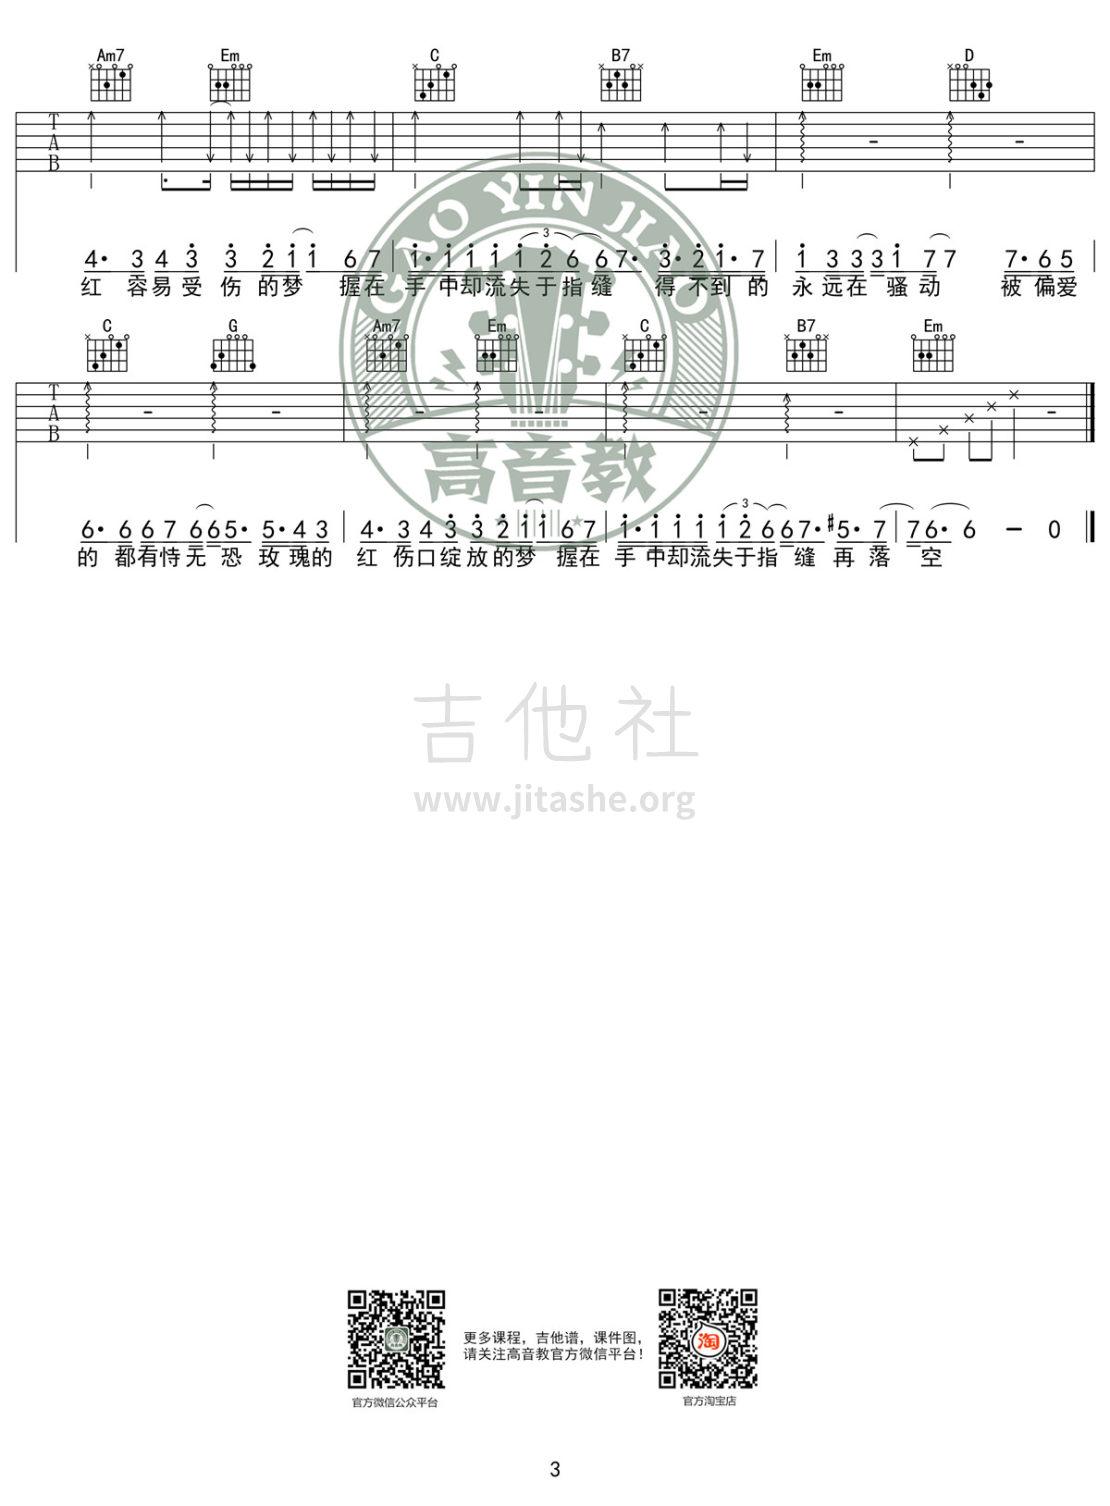 红玫瑰(G调入门版高清版 高音教编配)吉他谱(图片谱,弹唱,G调)_陈奕迅(Eason Chan)_《红玫瑰》G调入门版03.jpg